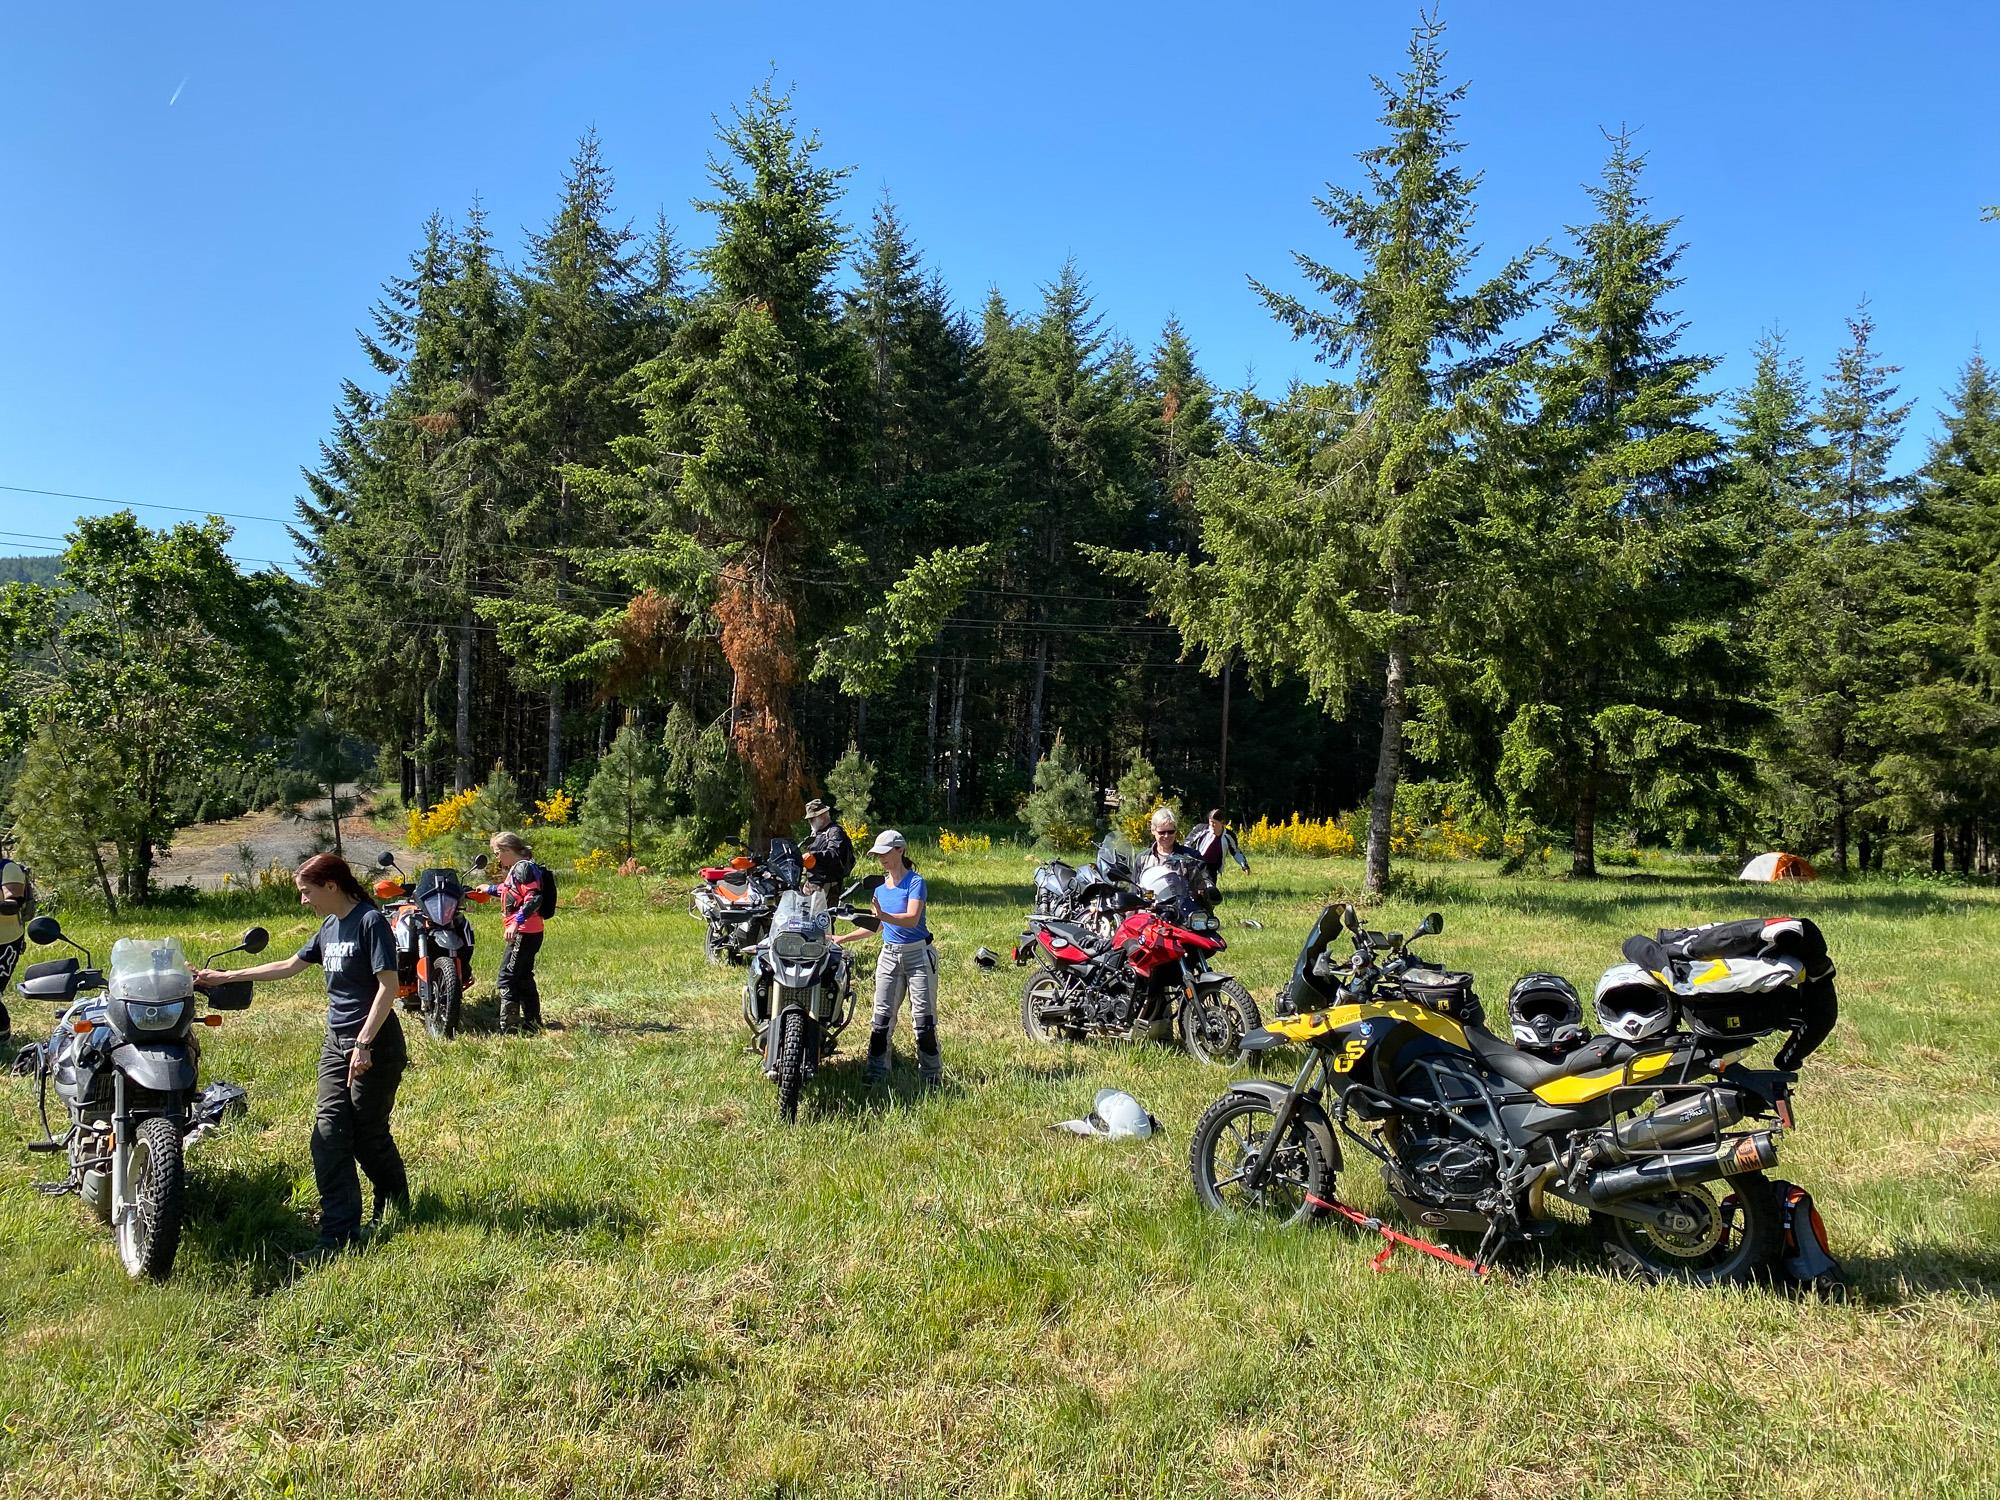 sheADV moto training course level 1/2 balance skills